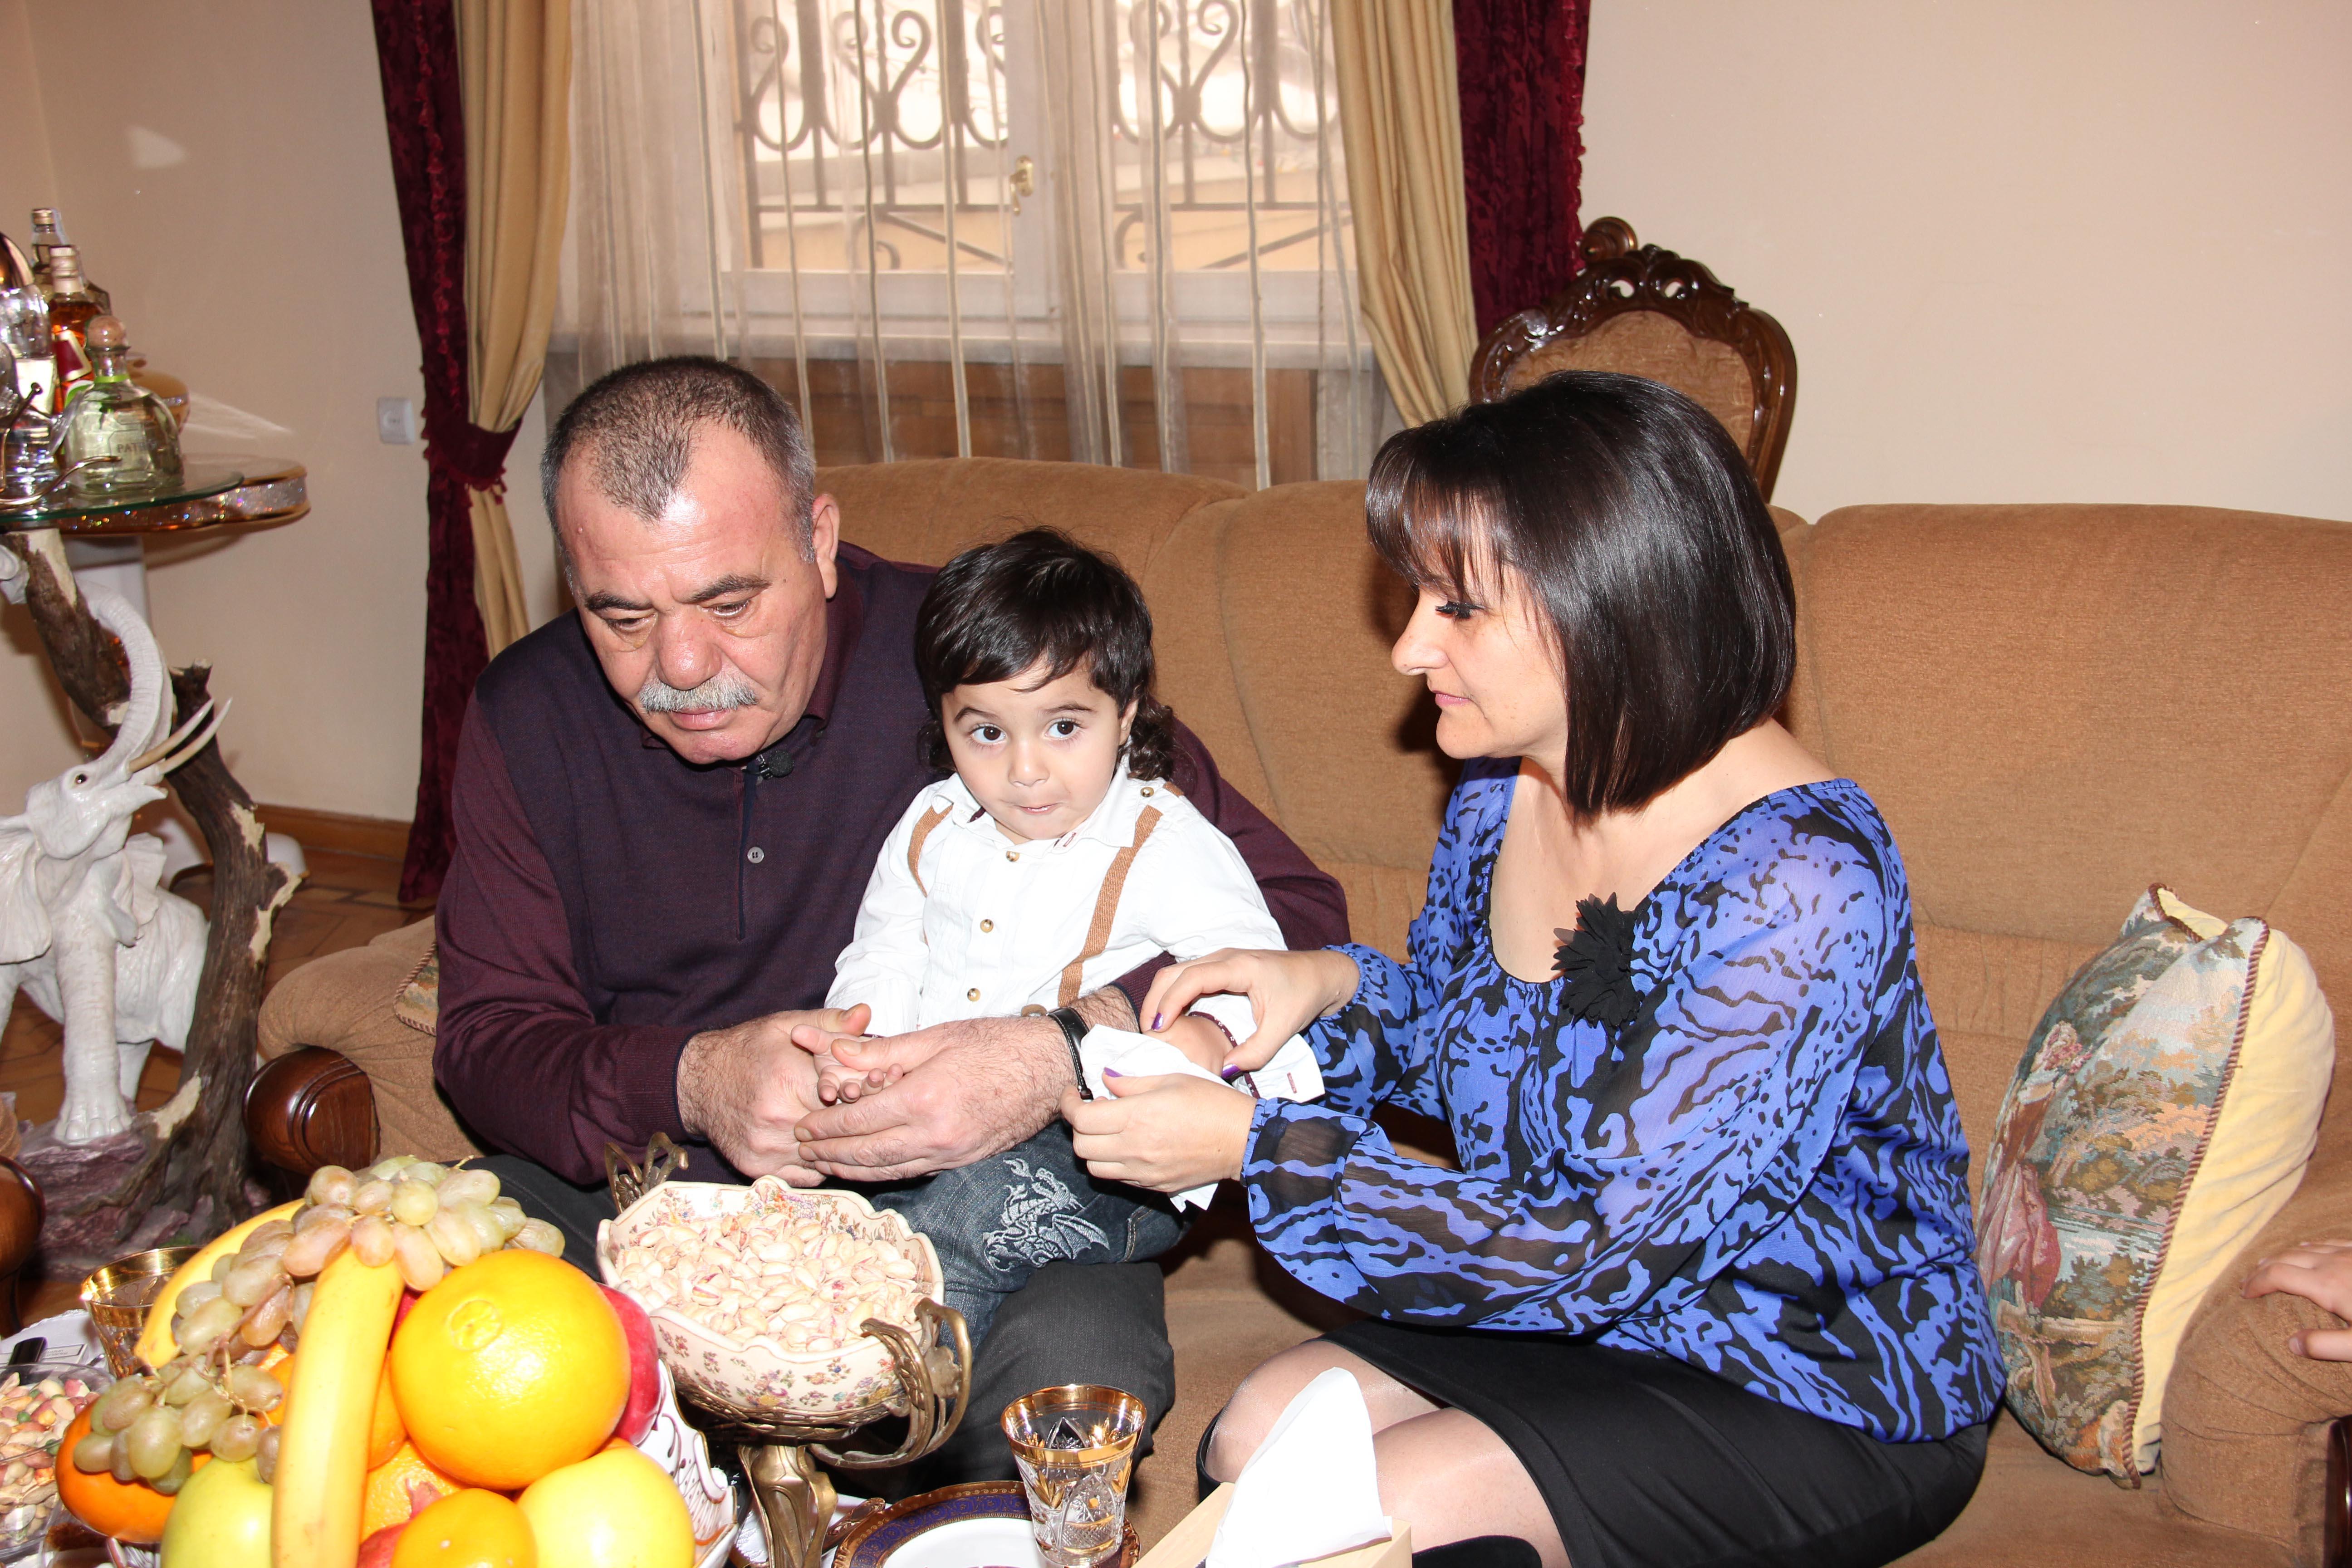 Մանվել Գրիգորյանը ցանկացել է վերջին անգամ տեսնել փոքր որդուն. «Ժողովուրդ»